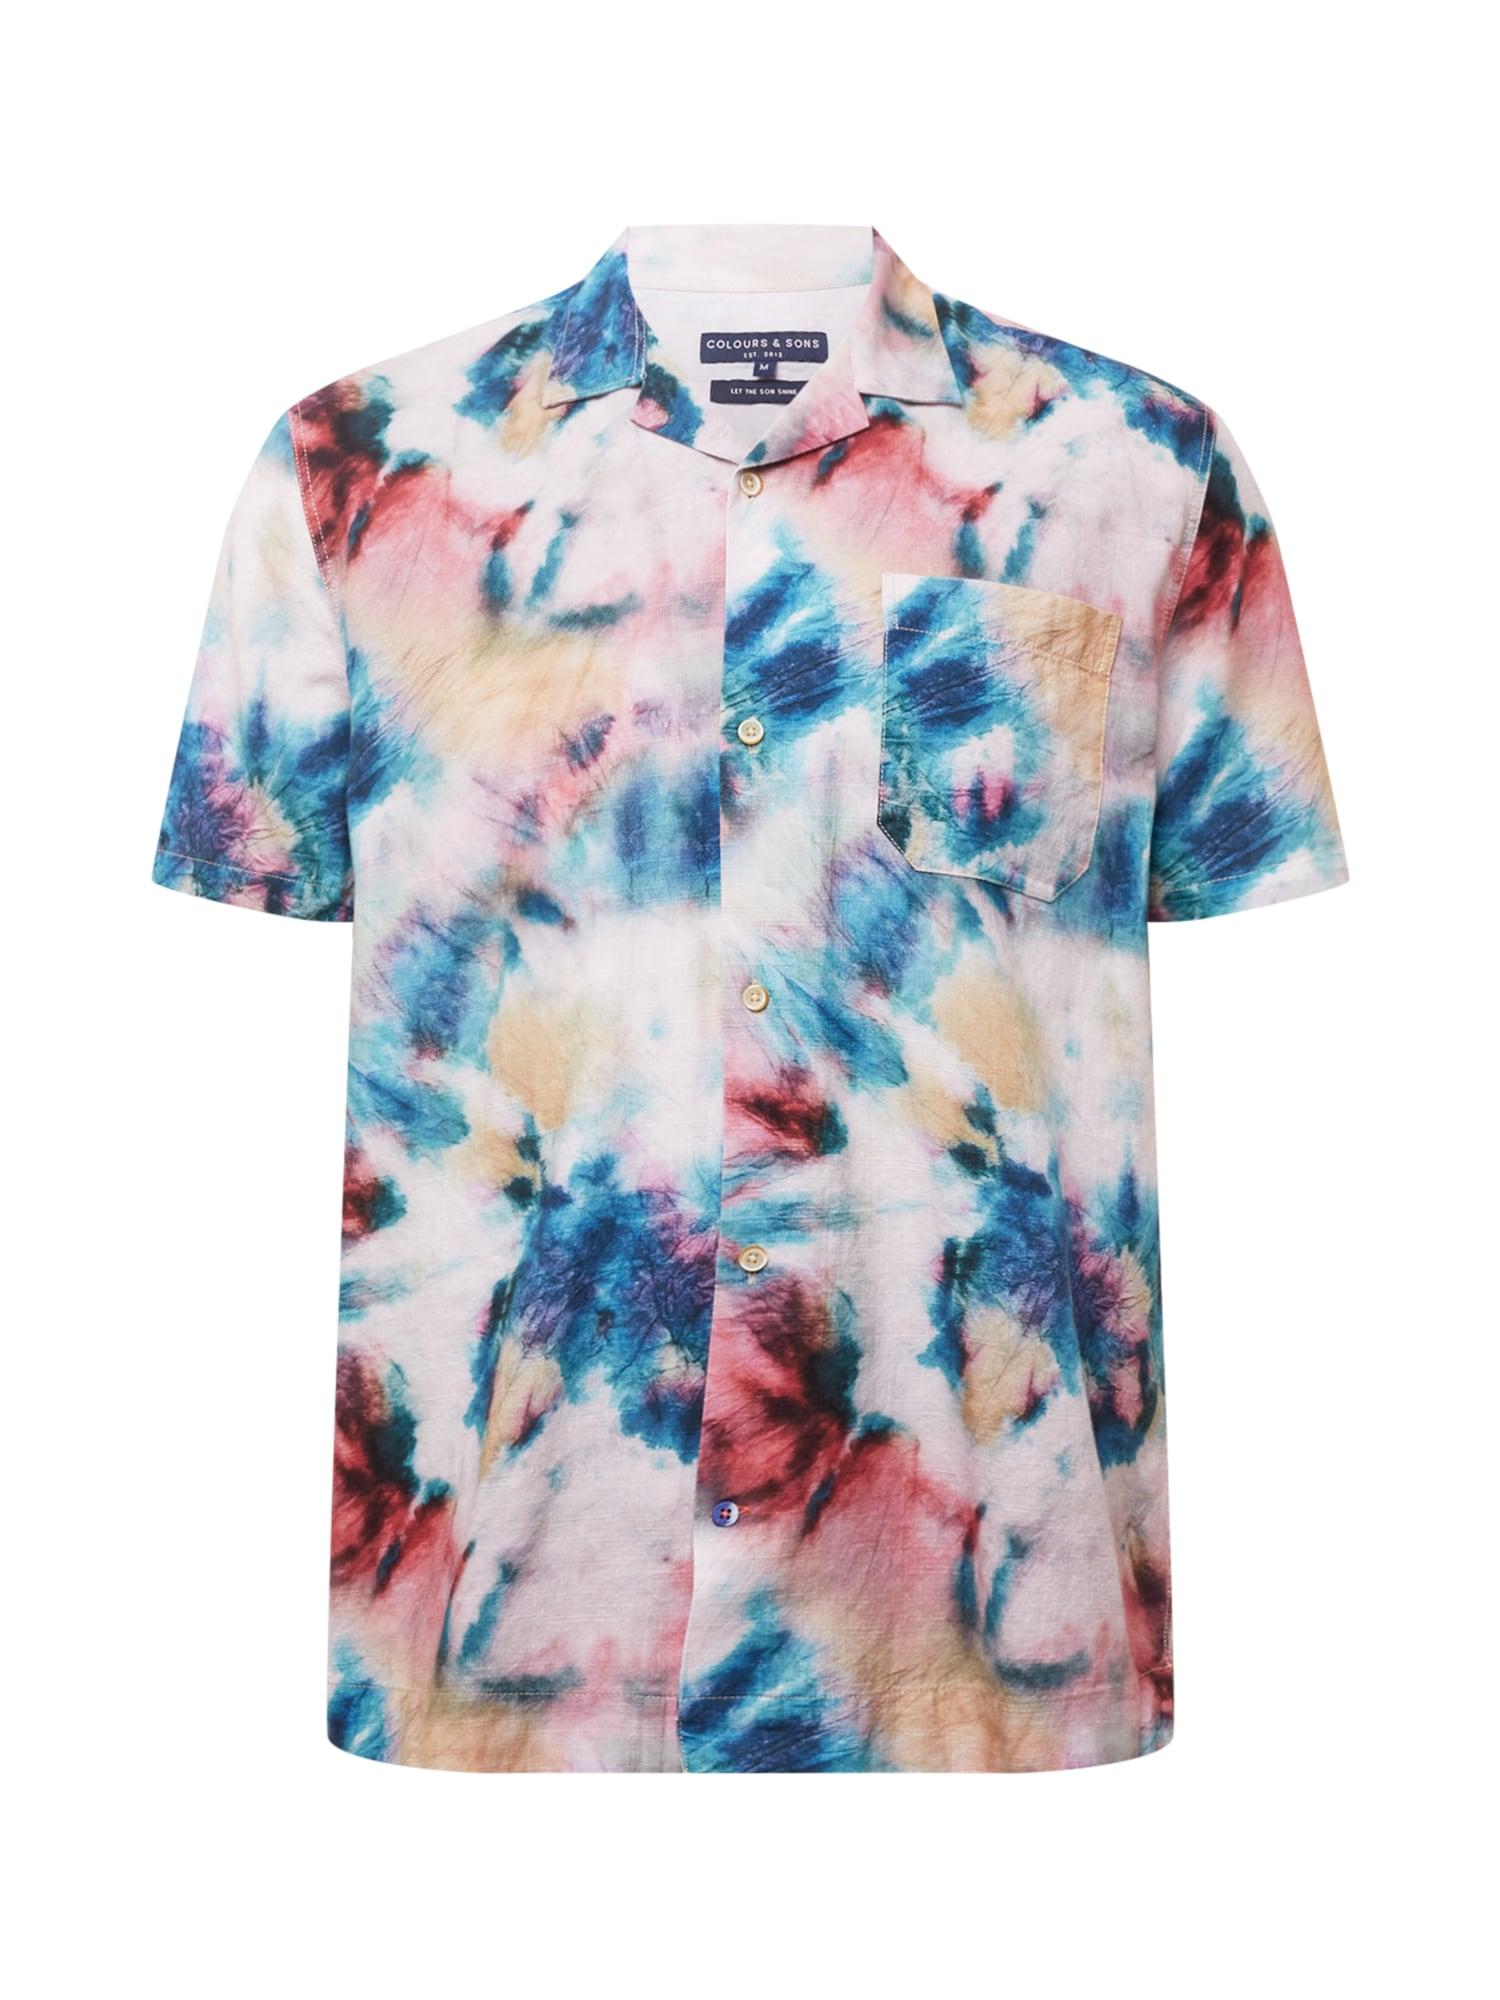 COLOURS & SONS Marškiniai pudros spalva / raudona / mėlyna / smėlio spalva